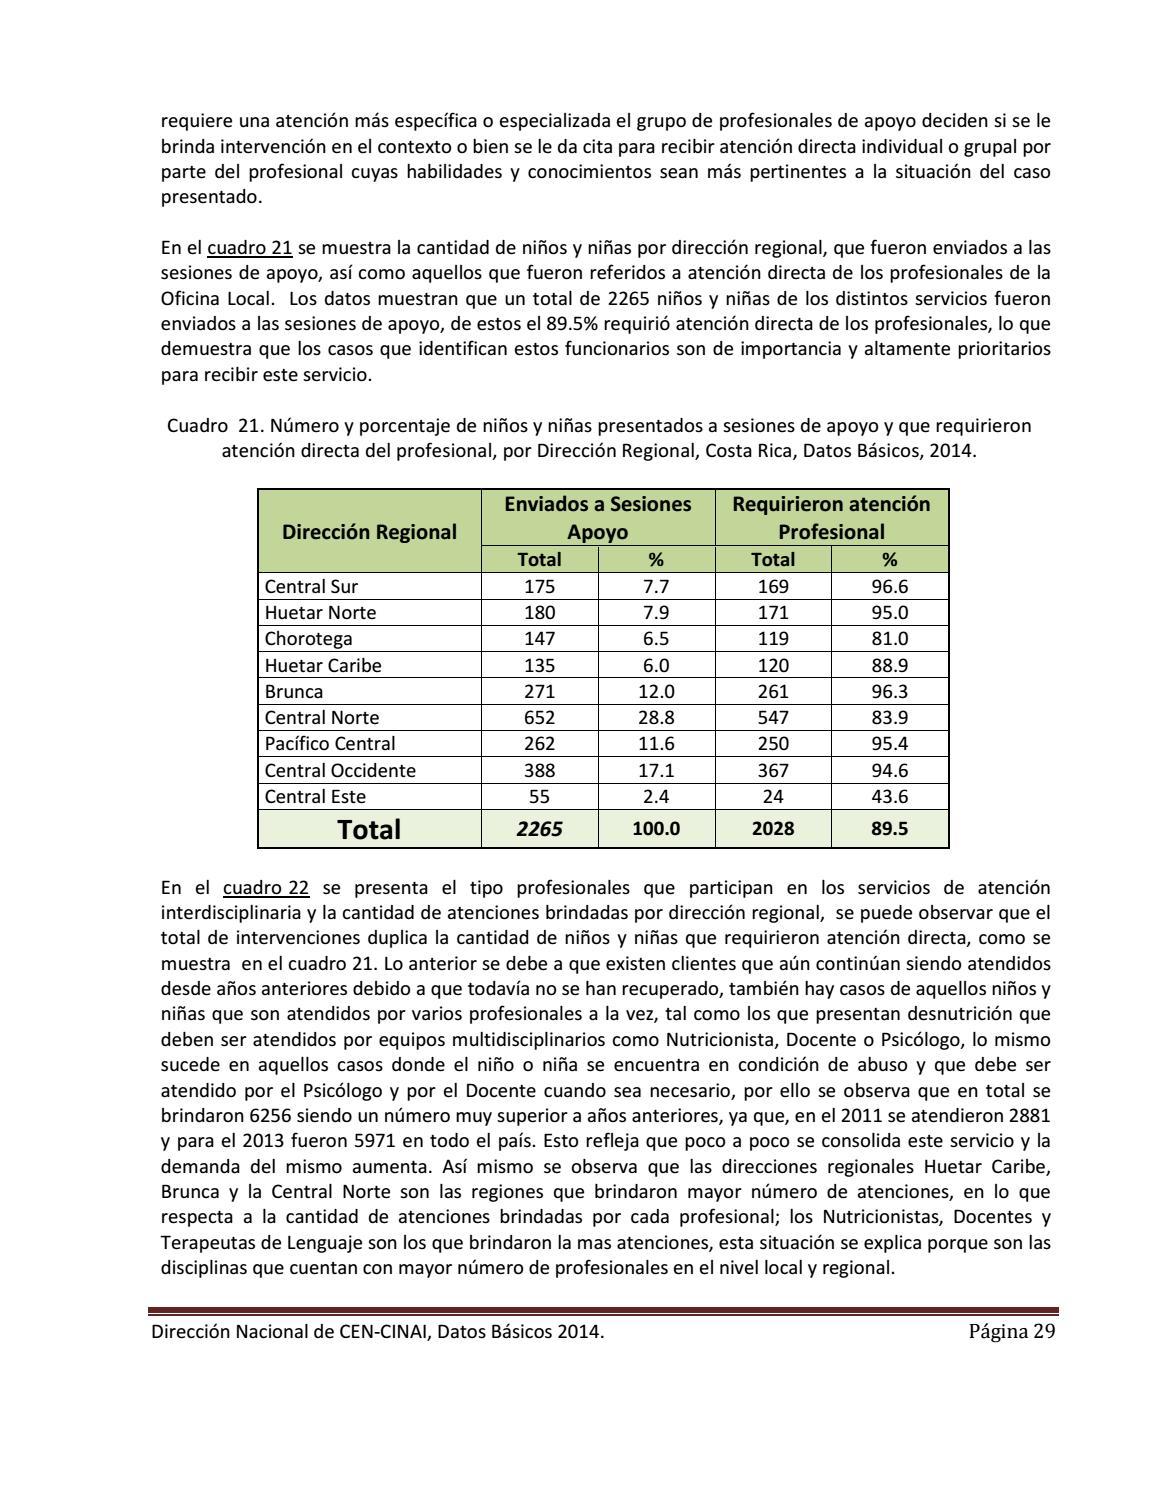 Informe Datos Básicos, 2014 by UTIC CEN-CINAI - issuu